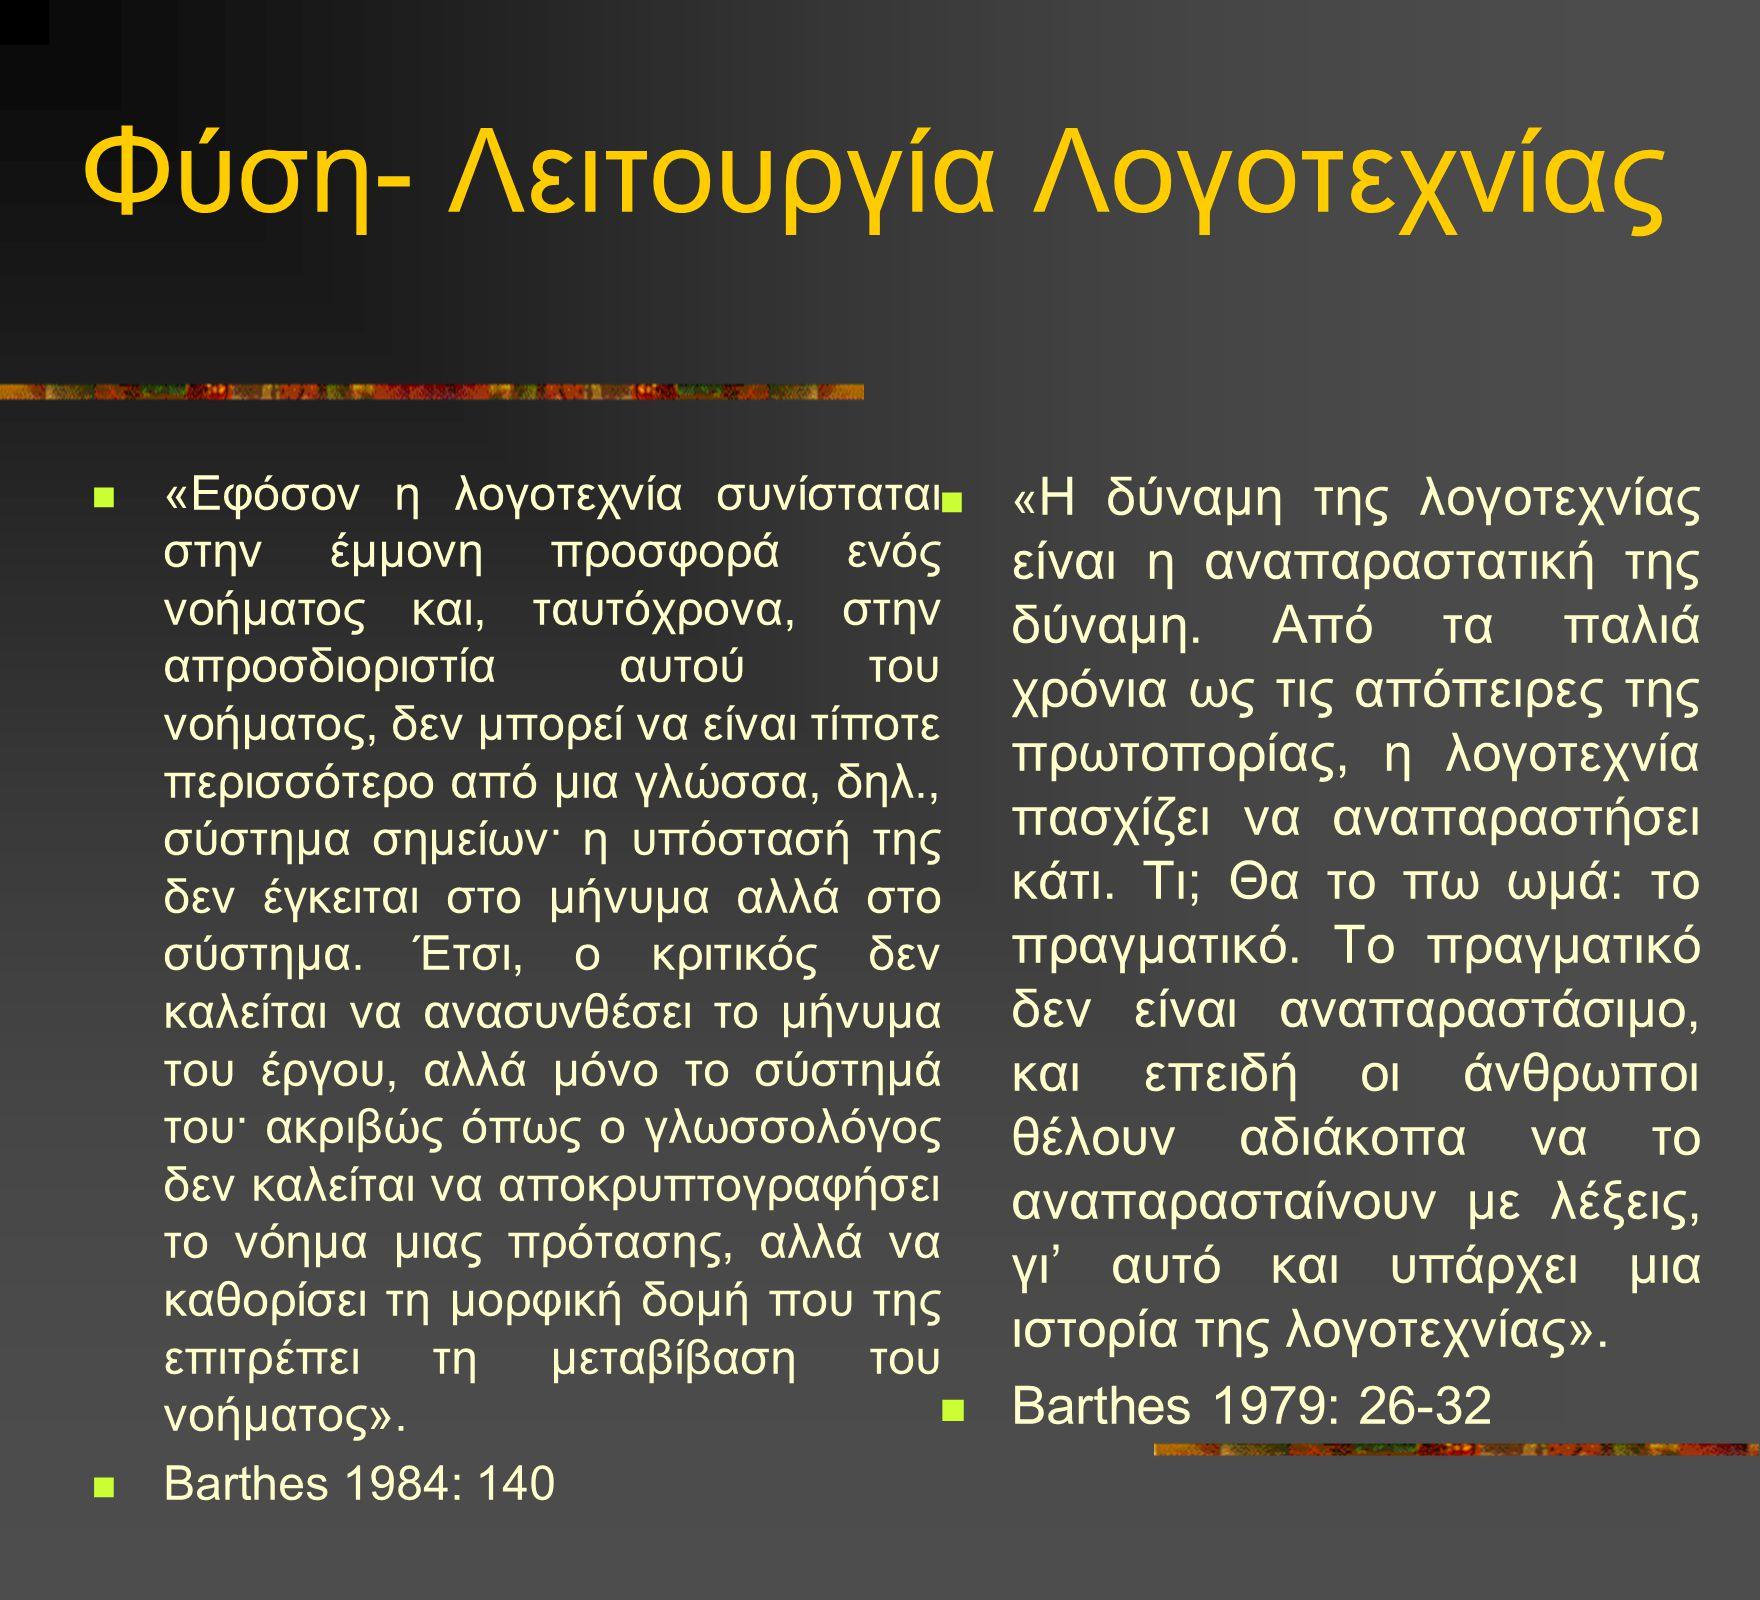 Φύση- Λειτουργία Λογοτεχνίας «Το κείμενο δεν είναι ούτε αντανάκλαση ούτε παρέκκλιση σε σχέση με μια αυστηρά καθορισμένη πραγματικότητα· είναι μια σχέση αλληλεπίδρασης, μέσα από την οποία μπορούν να γίνουν αντιληπτές και οι θεμελιώδεις λειτουργίες του σ' ένα συγκείμενο πραγματικότητας».Iser 1976: 133 Στη θεωρία του Iser διακρίνεται η προσπάθεια του να συνταιριάξει όσο το δυνατόν περισσότερες προσεγγίσεις χωρίς να αδικήσει κανένα συστατικό από την πράξη της επικοινωνίας: το συγγραφέα, το κείμενο, τον αναγνώστη, τον κόσμο, τη διαδικασία της πρόσληψης, τη φαινομενολογία της αντίληψης και της ανάγνωσης, τη δυναμική φύση της κατανόησης –«όλα αυτά προφανώς συγκλίνουν και ενσωματώνονται στο ένα μοντέλο της αισθητικής ανταπόκρισης».